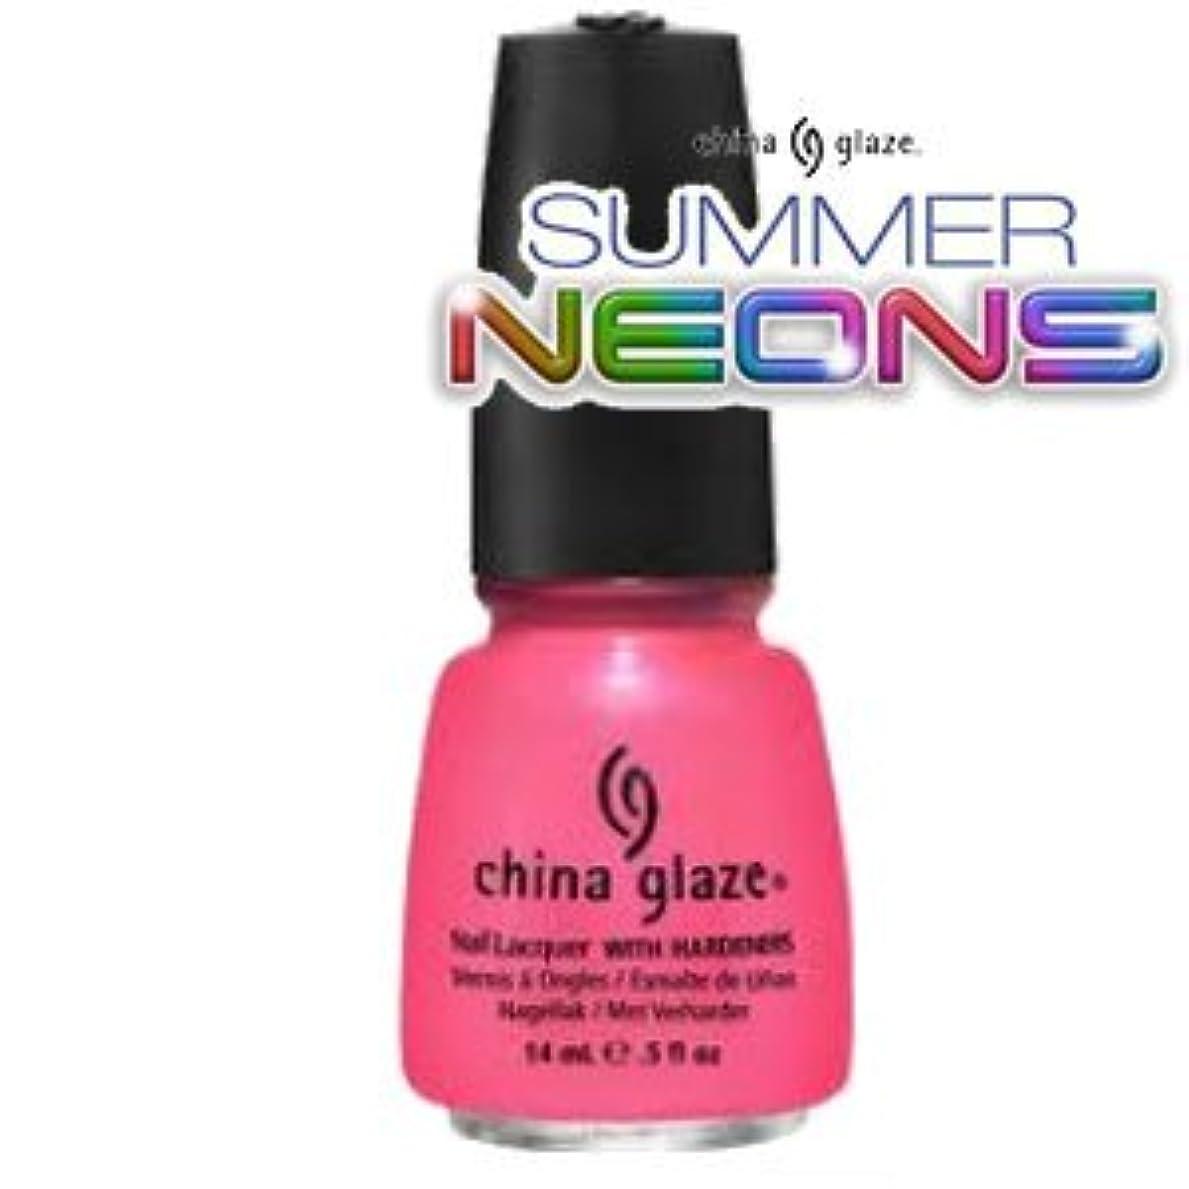 女性爆弾アクティブ(チャイナグレイズ)China Glaze Pink Plumeriaーサマーネオン コレクション [海外直送品][並行輸入品]